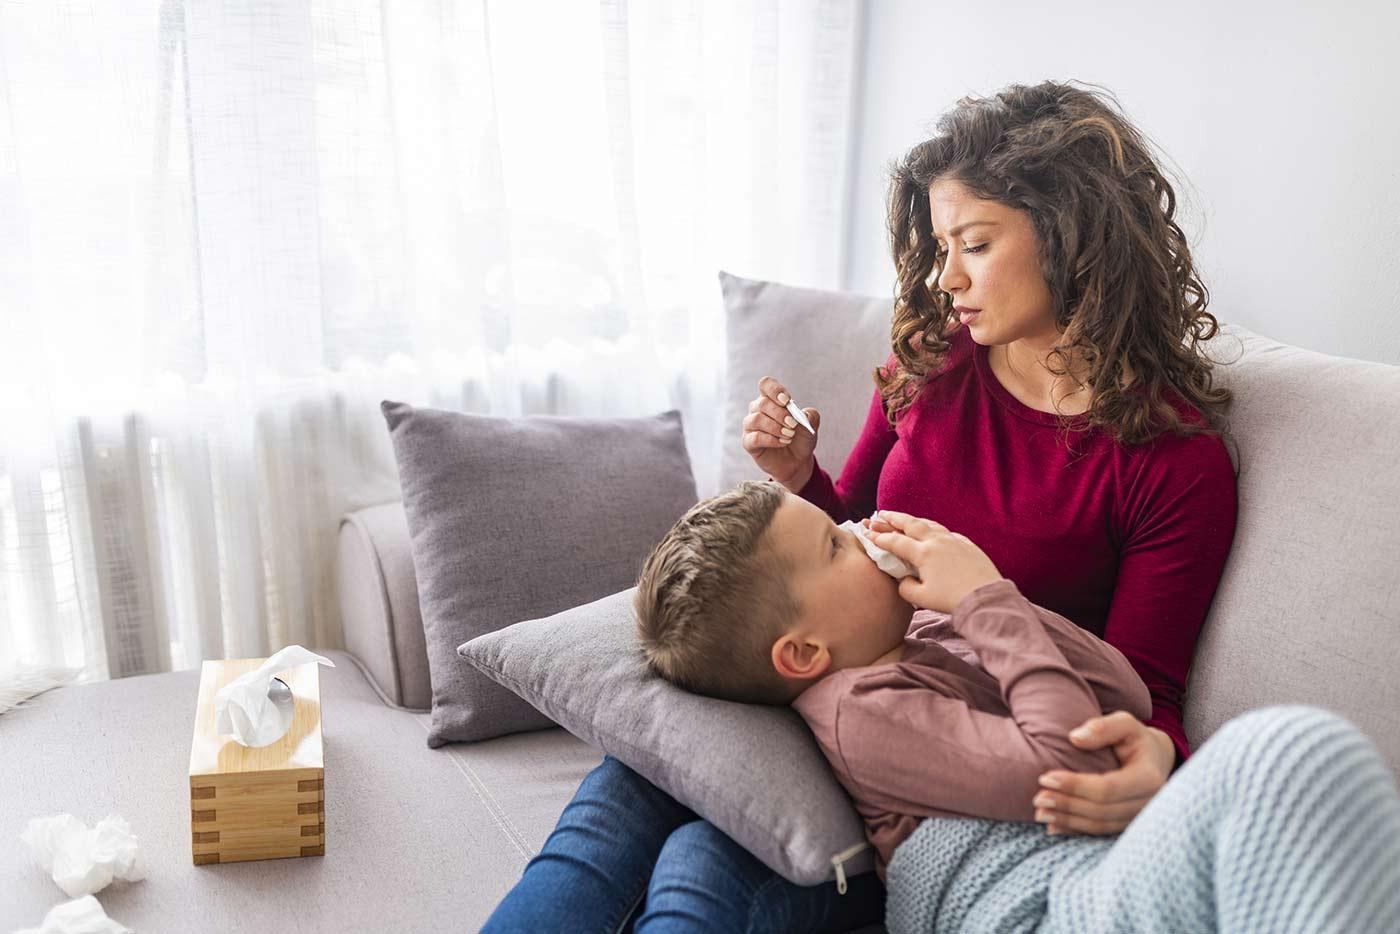 Mom taking son's temperature